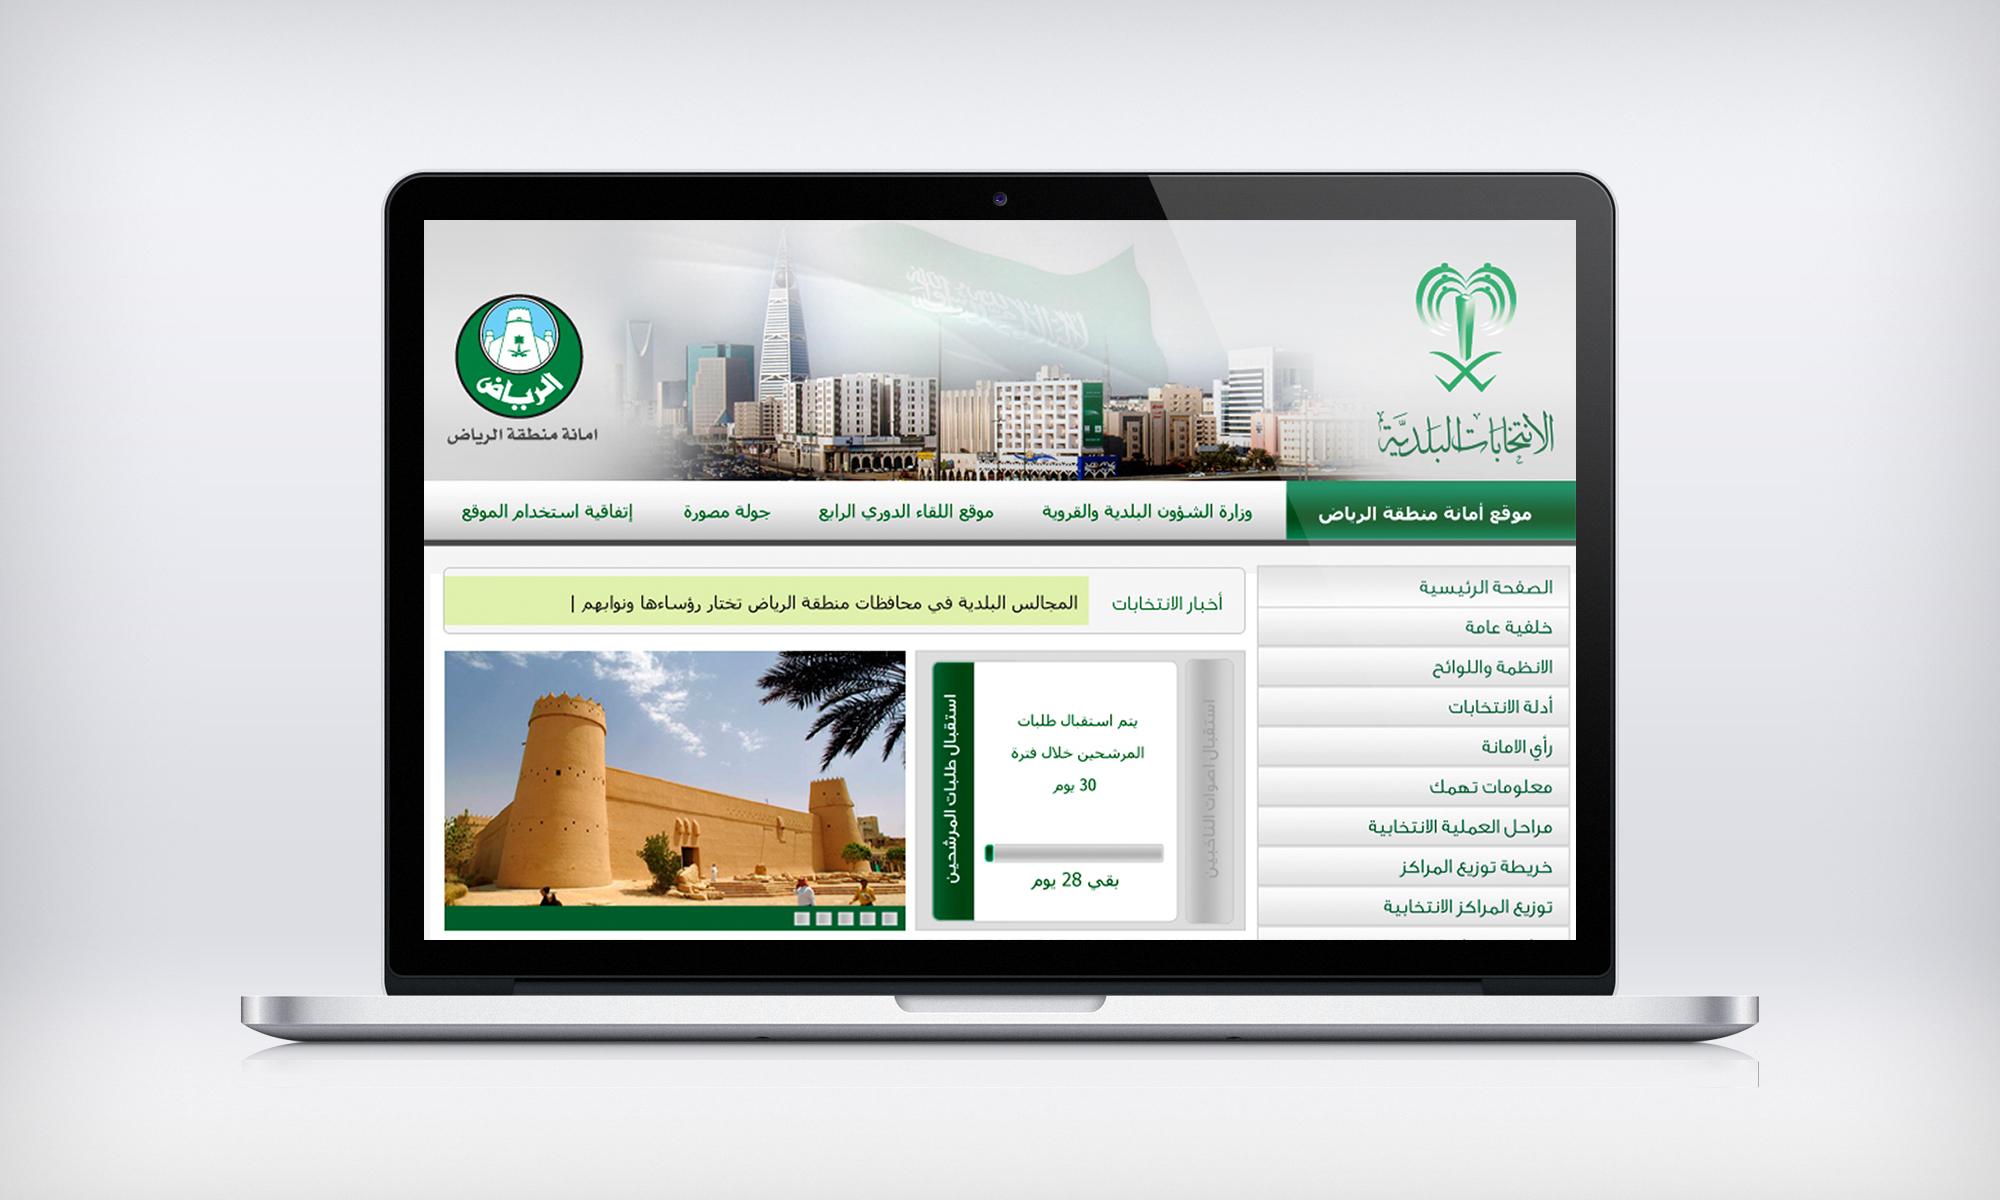 KSA Elections Site